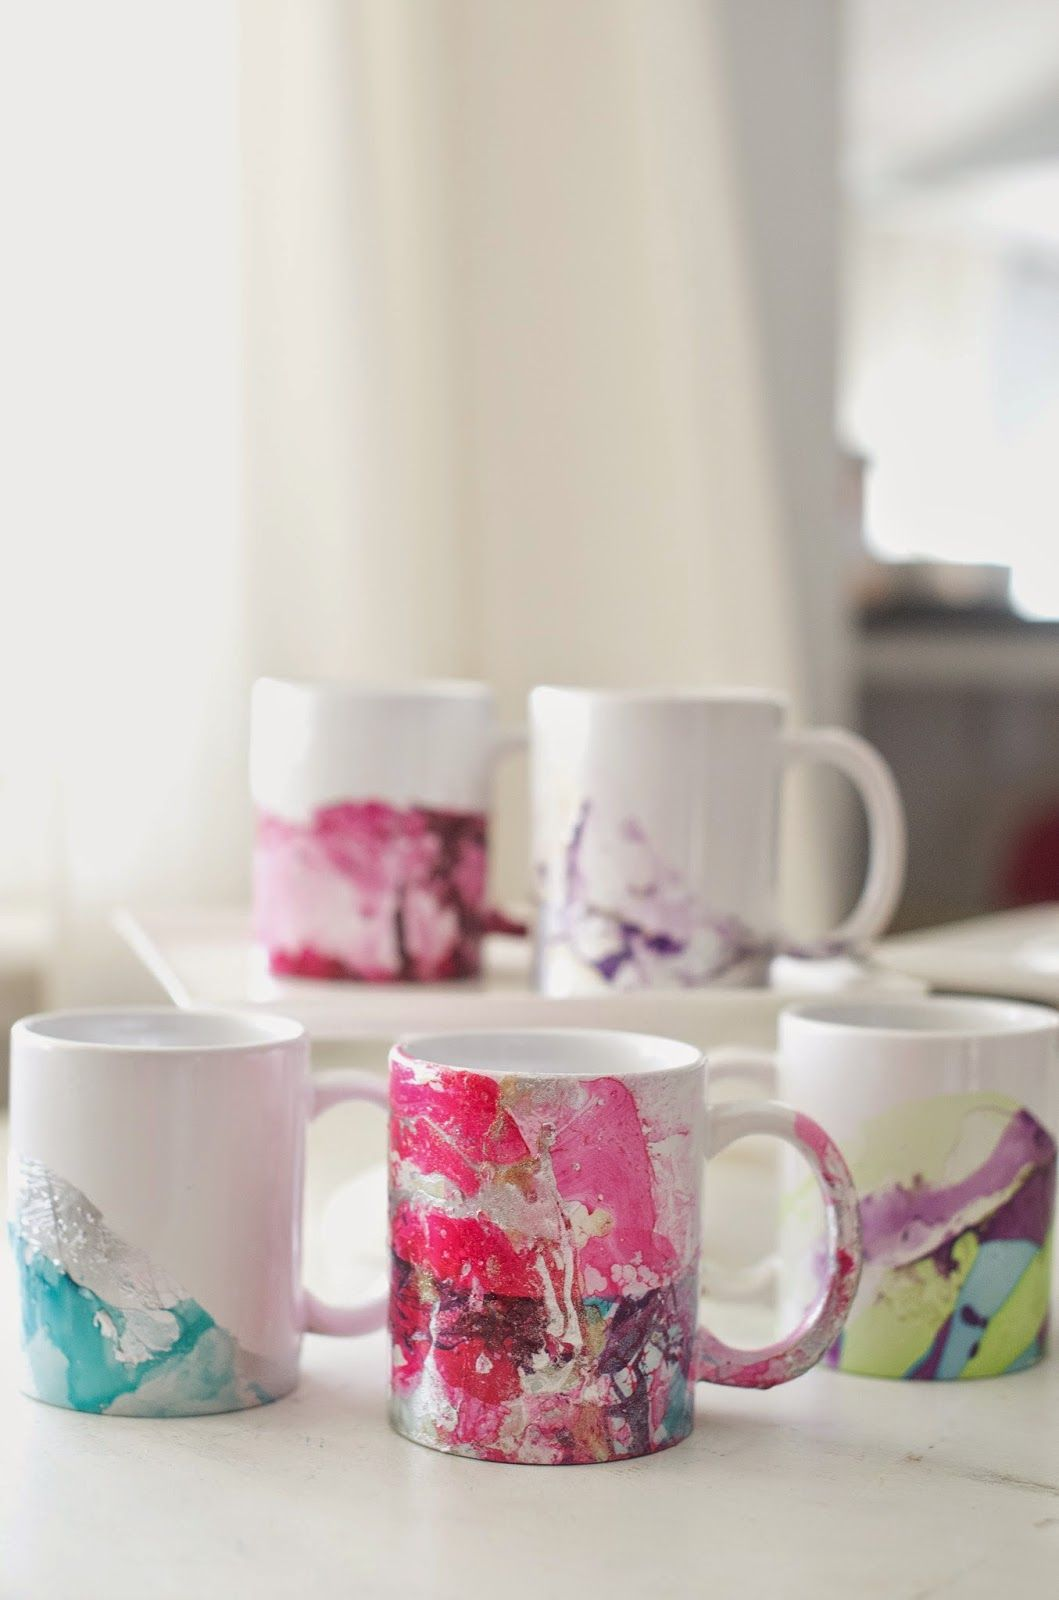 Diy Marbled Nail Polish Coffee Mugs Diy Mugs Diy Watercolor Camping Crafts